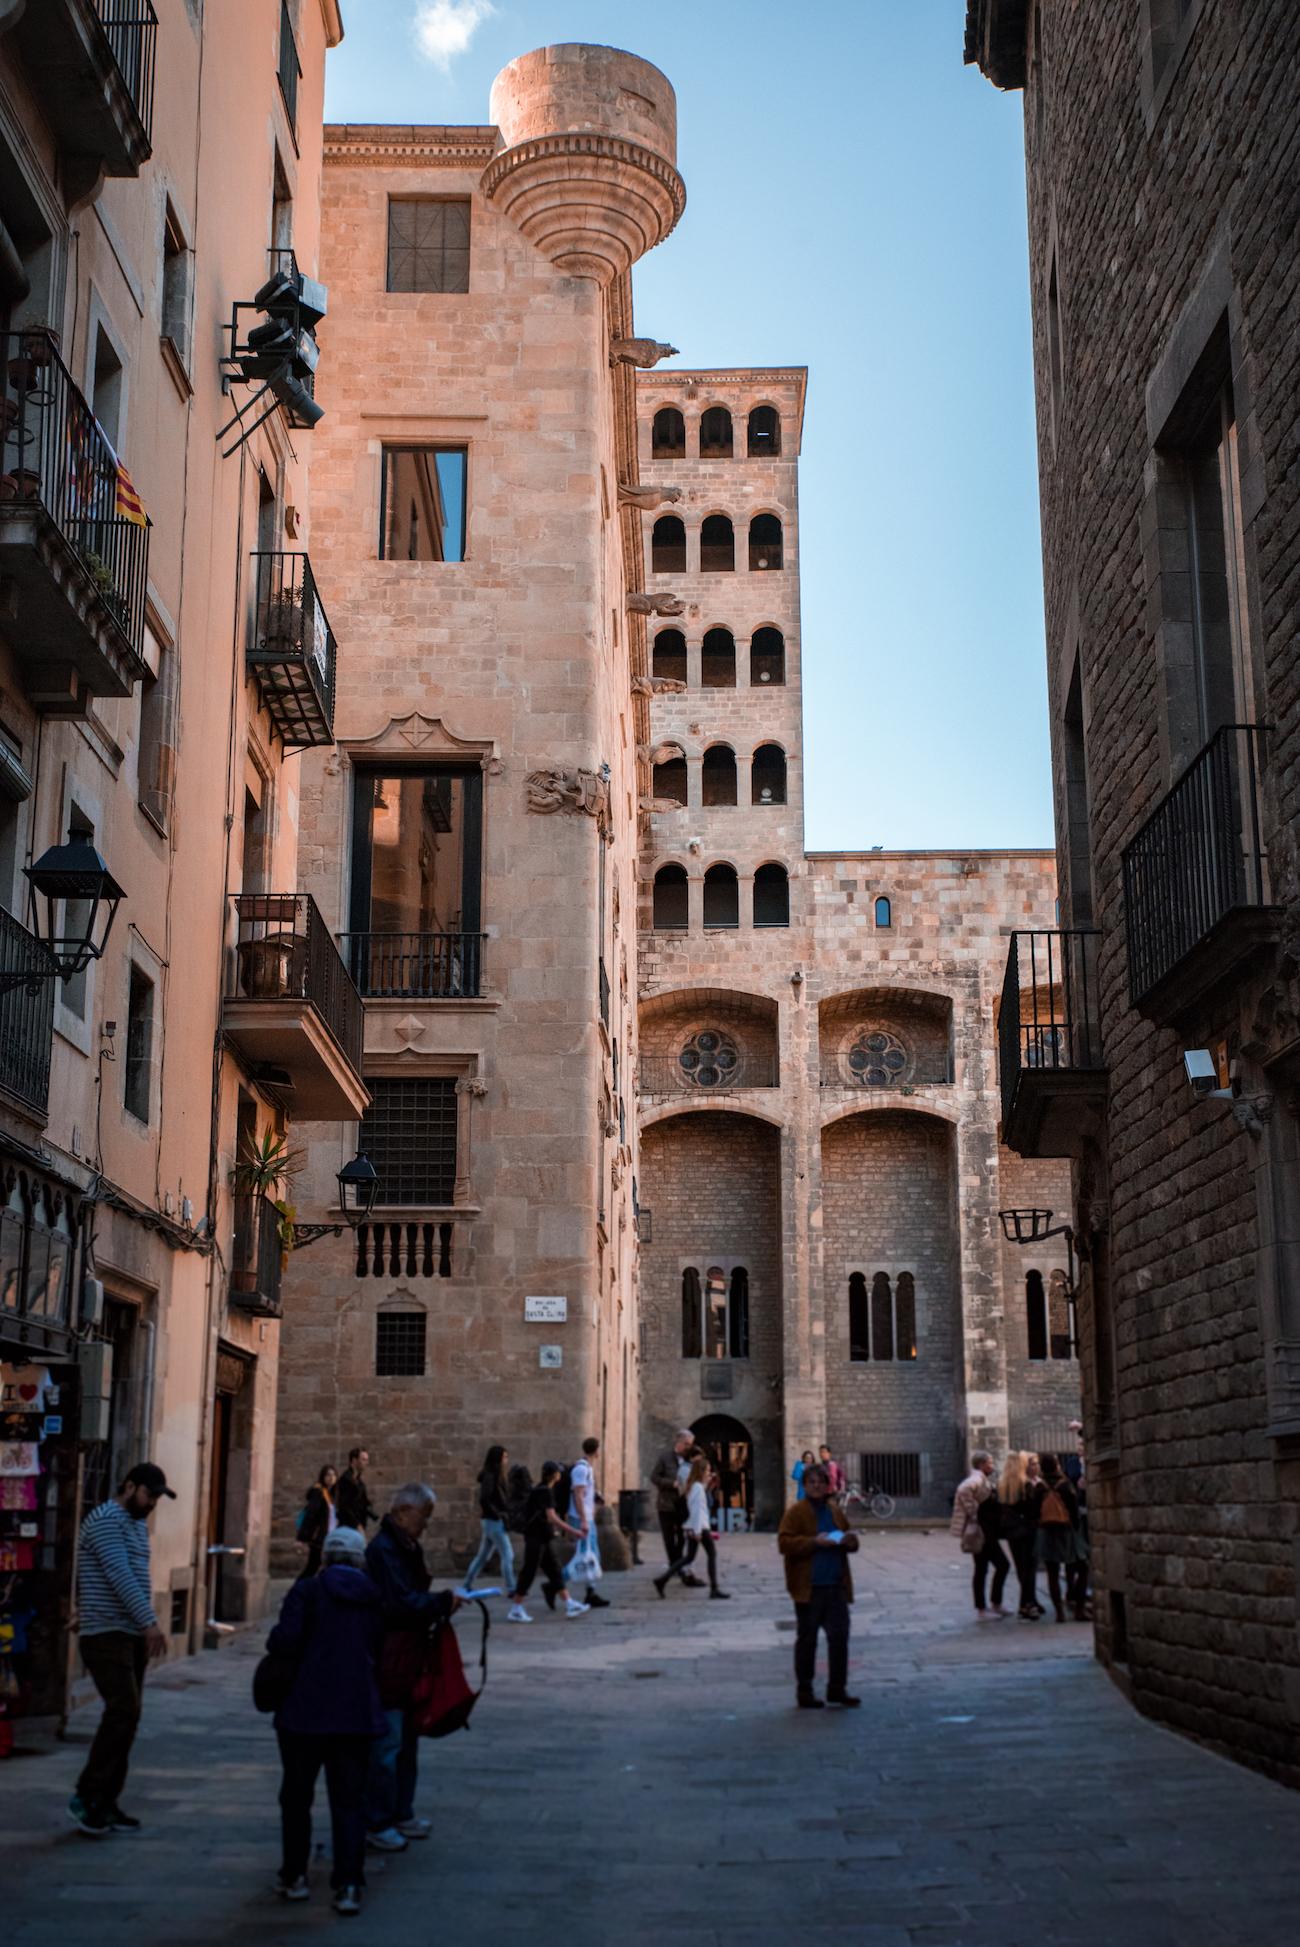 Barcelona's ancient Mirador del Rei Martí in Plaça del Rei